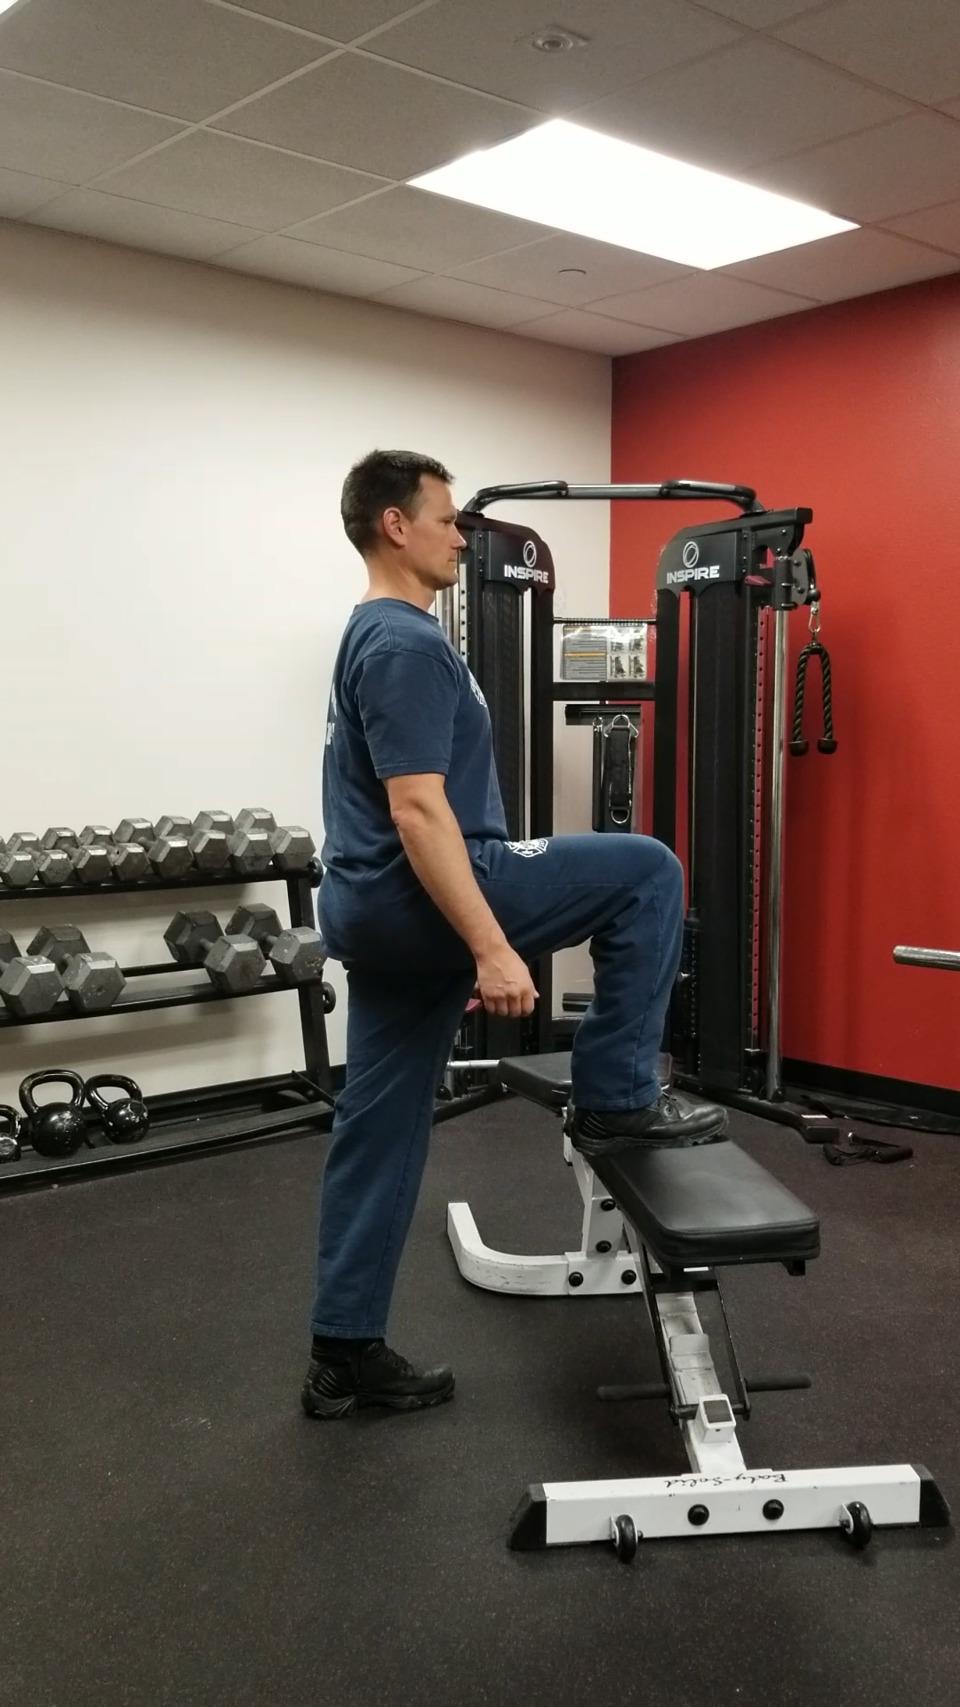 Step platform do it yourself. Exercises on a step platform 48